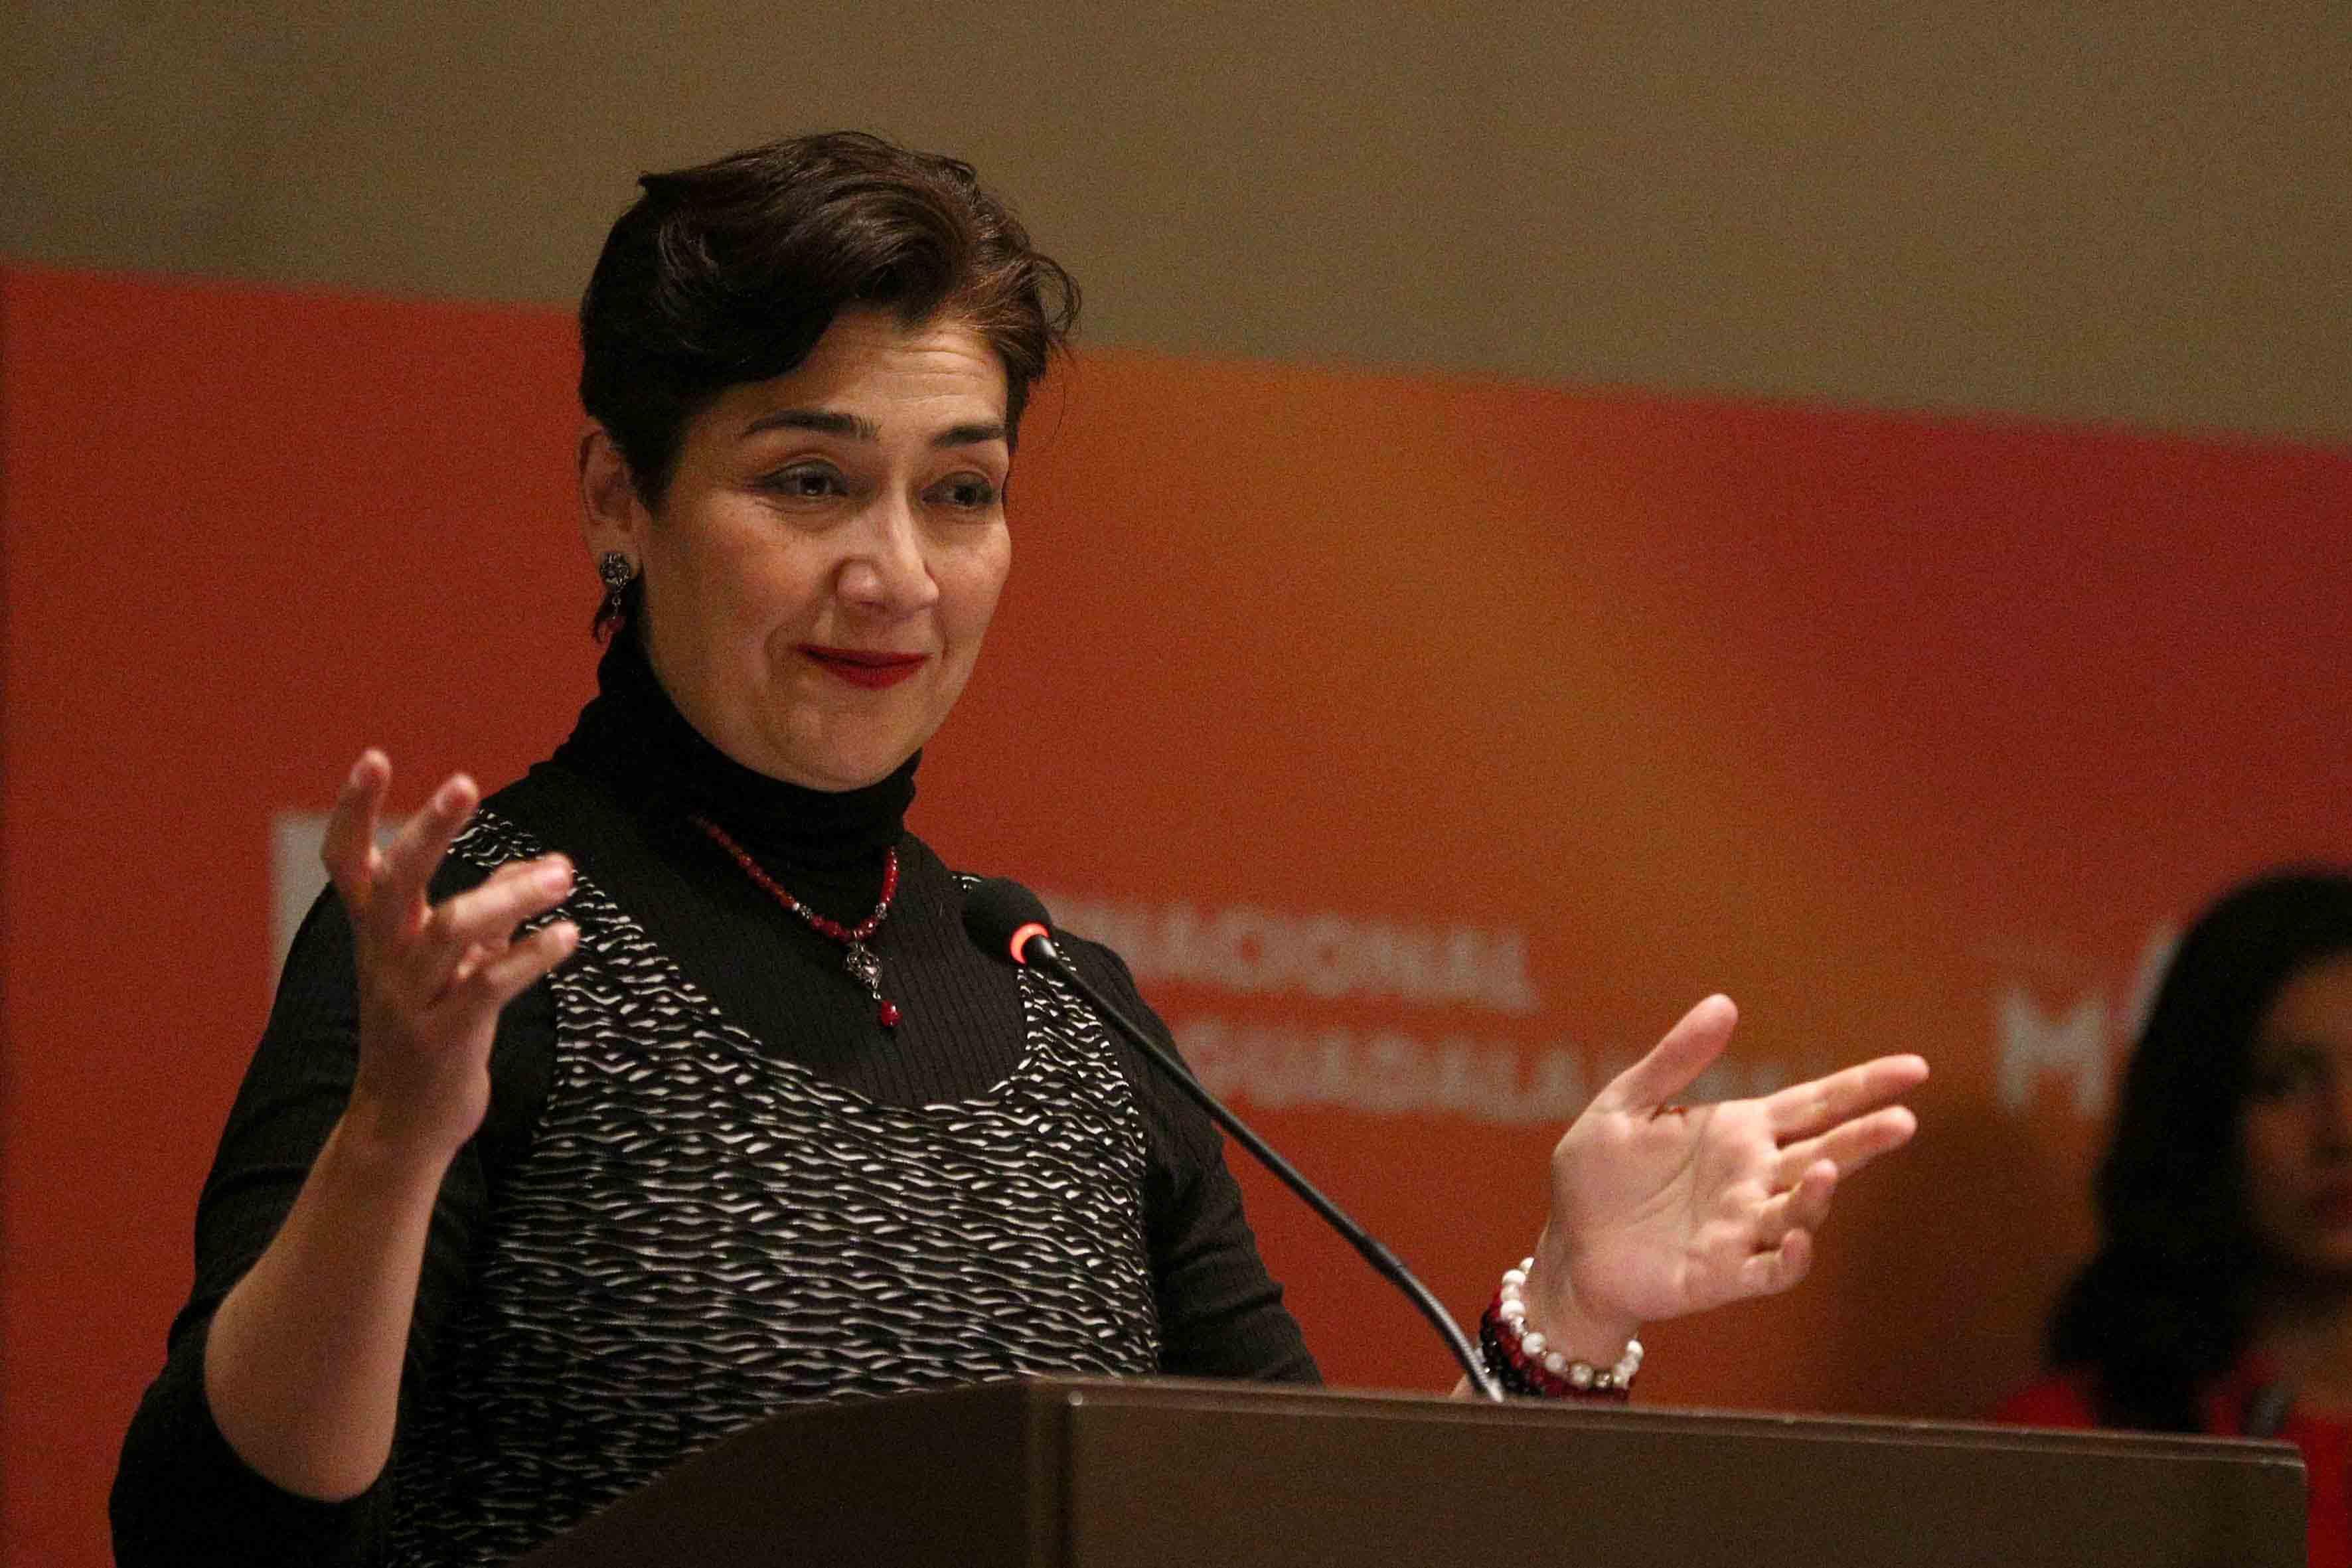 Bióloga María Magdalena Ruiz Mejía, Secretaria de Medio Ambiente y Desarrollo Territorial de Jalisco, haciendo uso de la palabra.